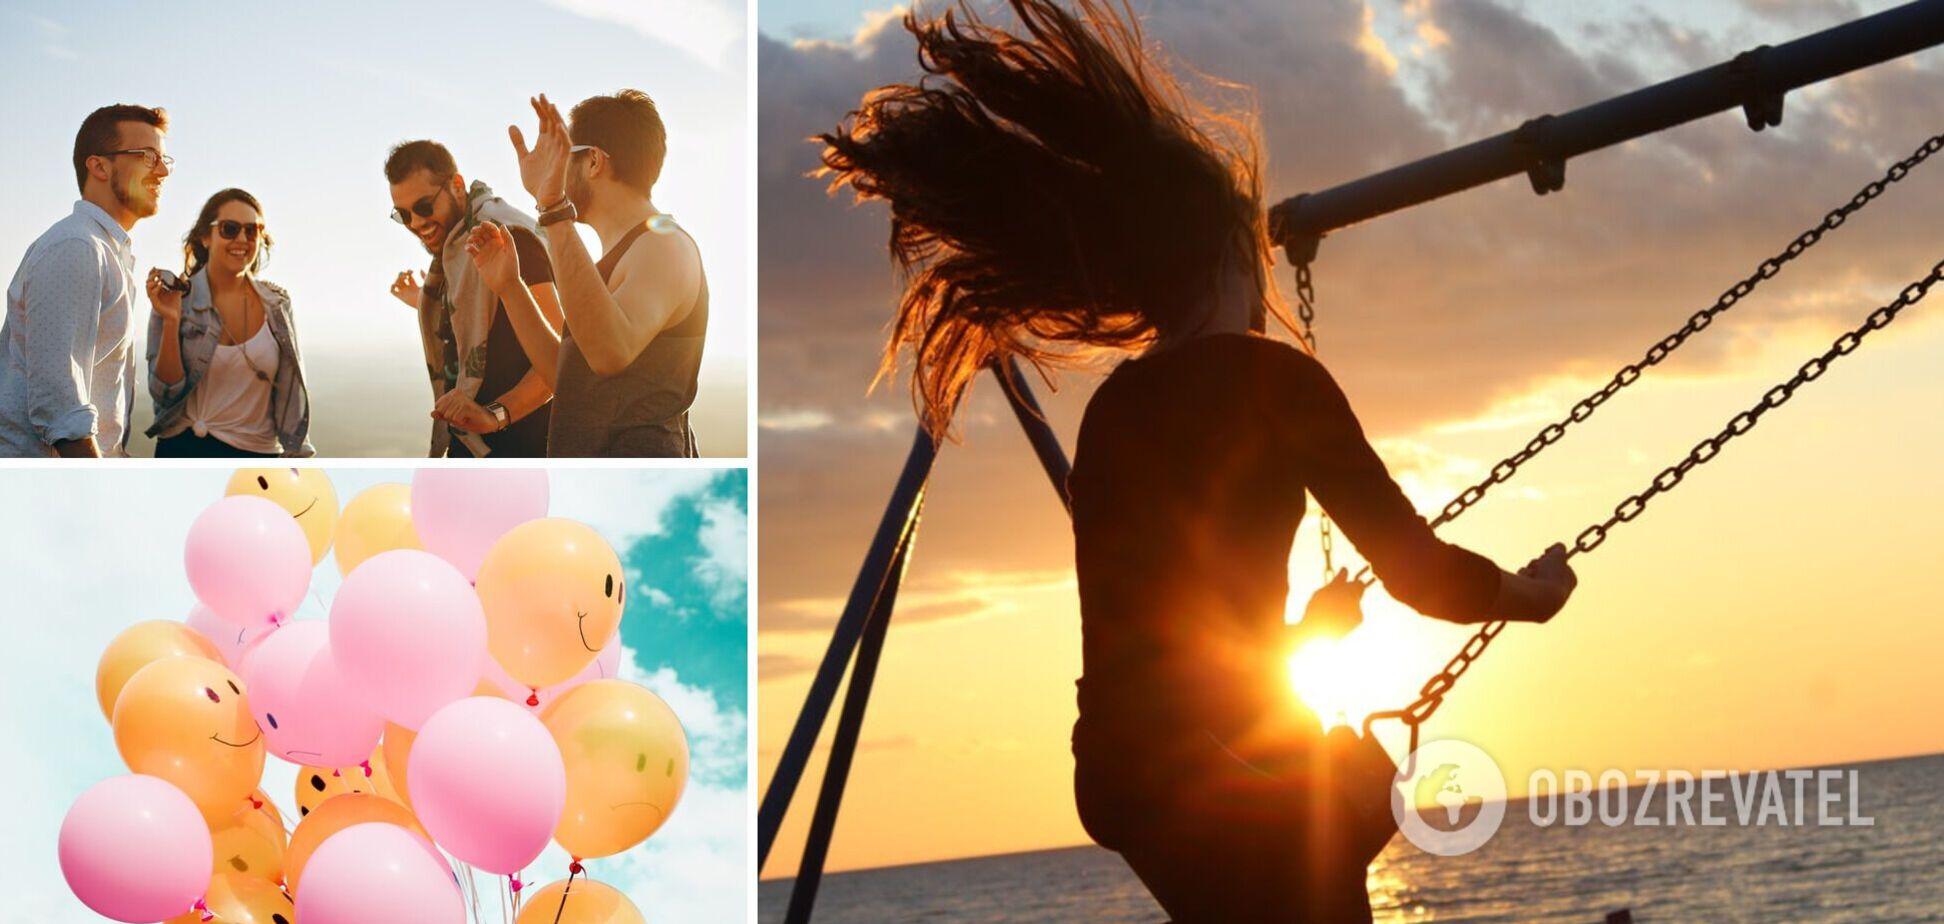 Определен самый счастливый возраст в жизни человека